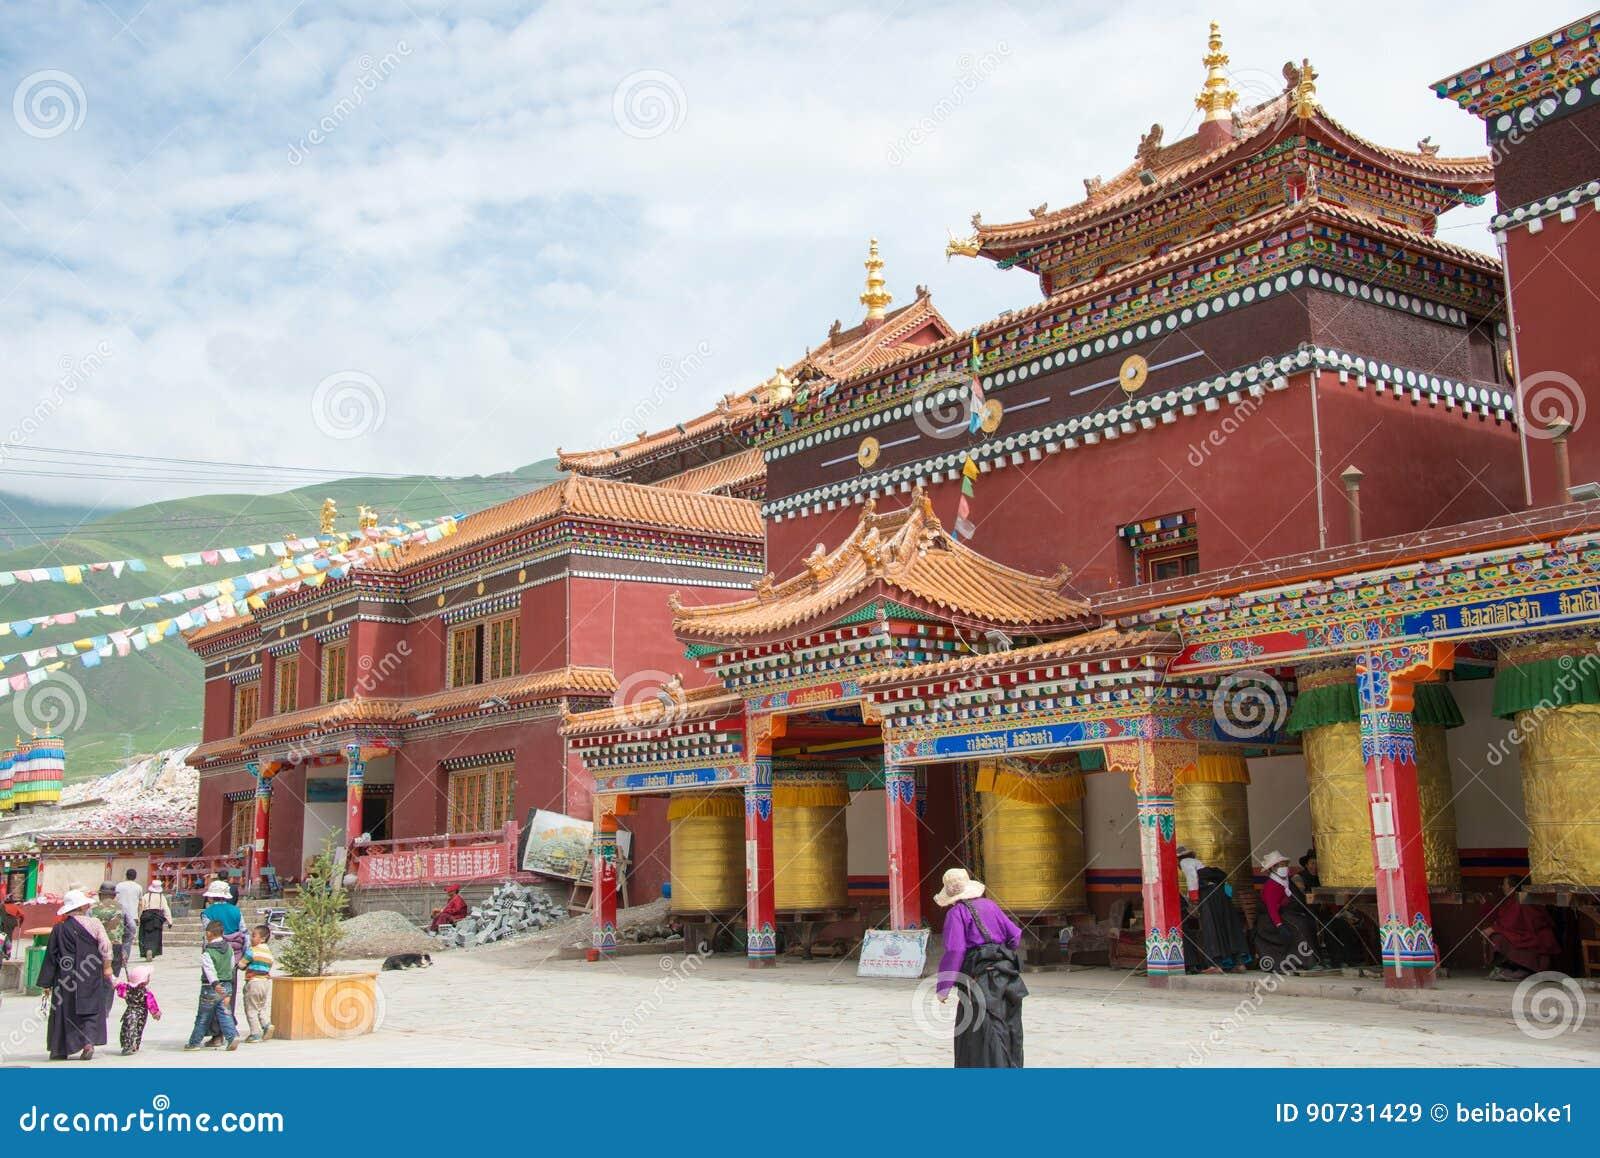 YUSHU(JYEKUNDO), CHINA - Jul 13 2014: Mani Temple(Mani Shicheng). a famous landmark in the Tibetan city of Yushu, Qinghai, China.